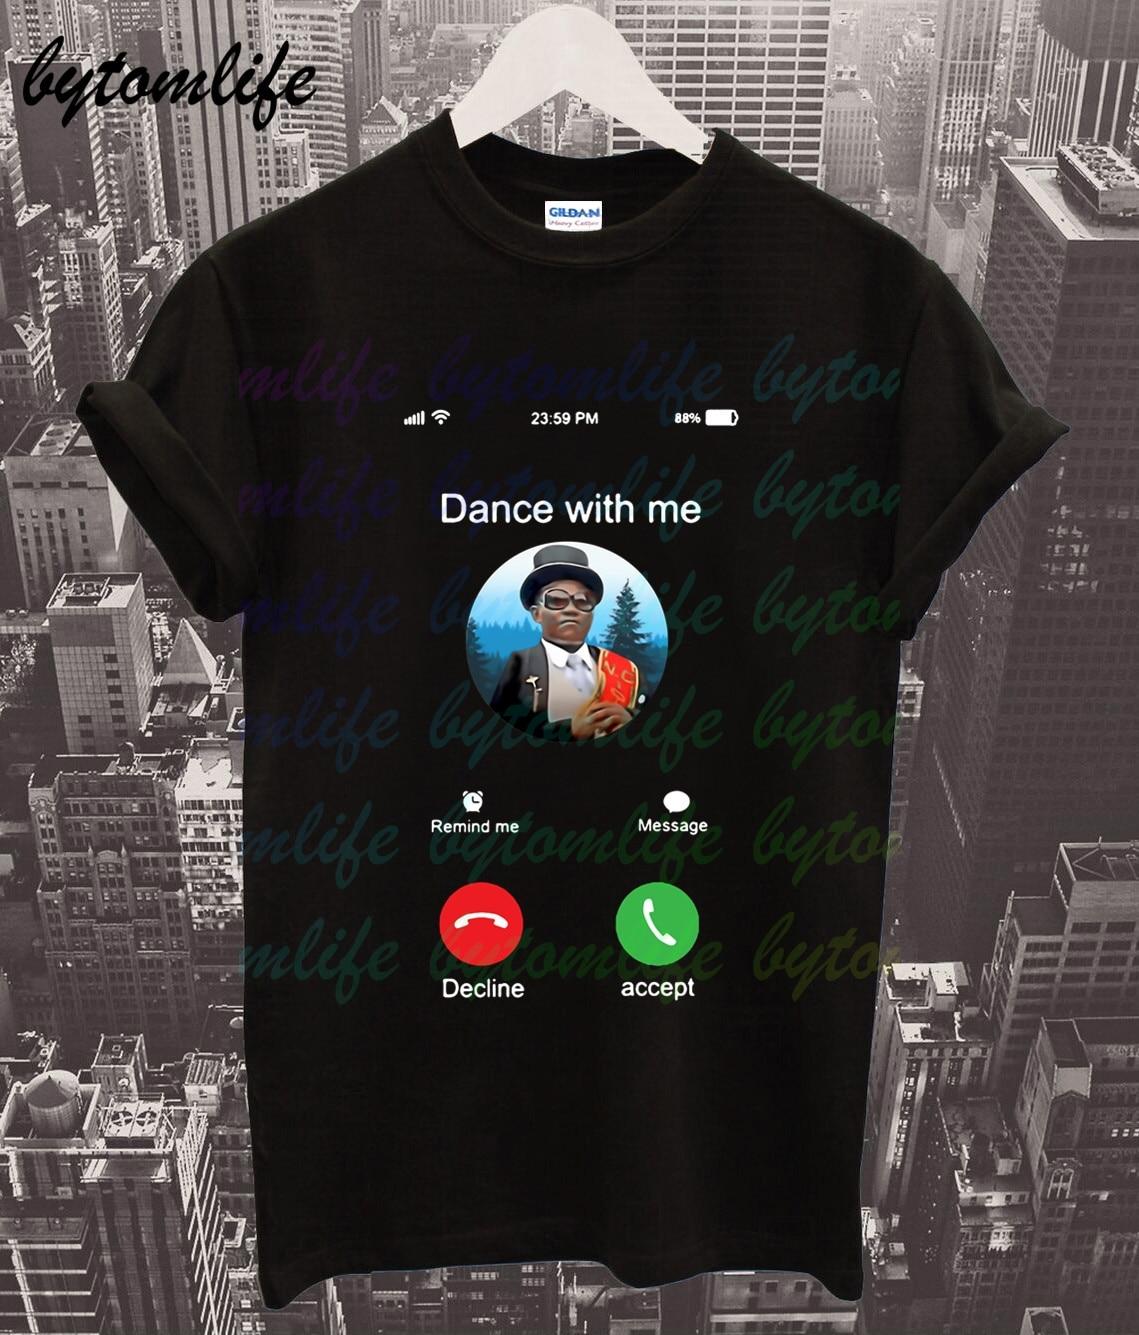 Coffin Dance T Shirt Dancing Pallbearers T Shirt Men's Summer Cotton Short Sleeves Popular Normal Tee Shirts Tops Tee Unisex